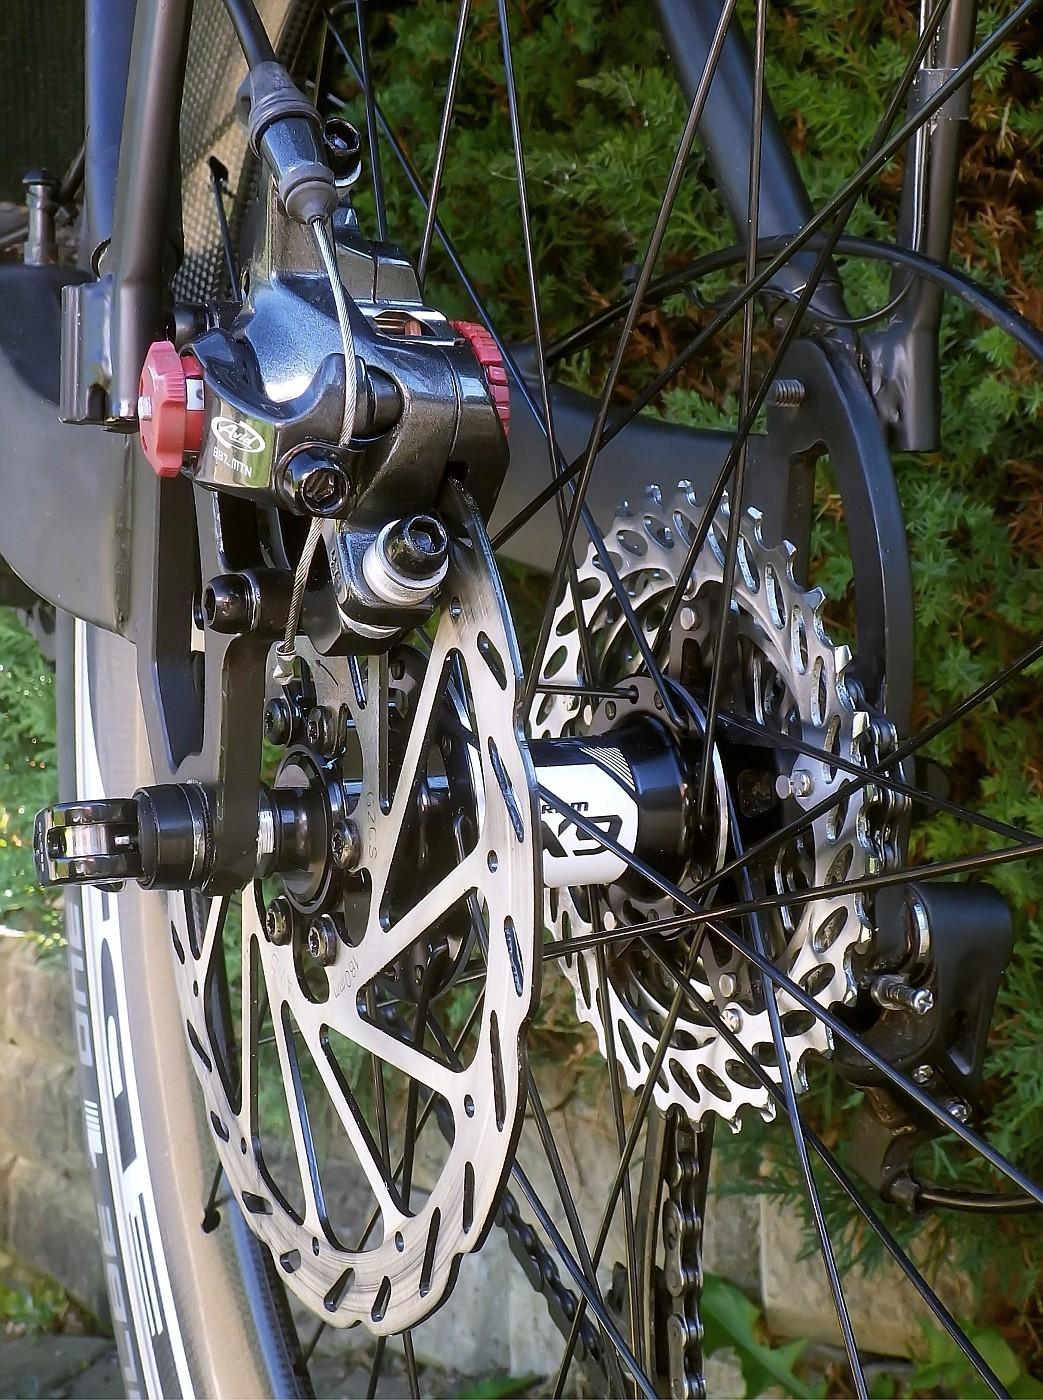 Rear brake replaced